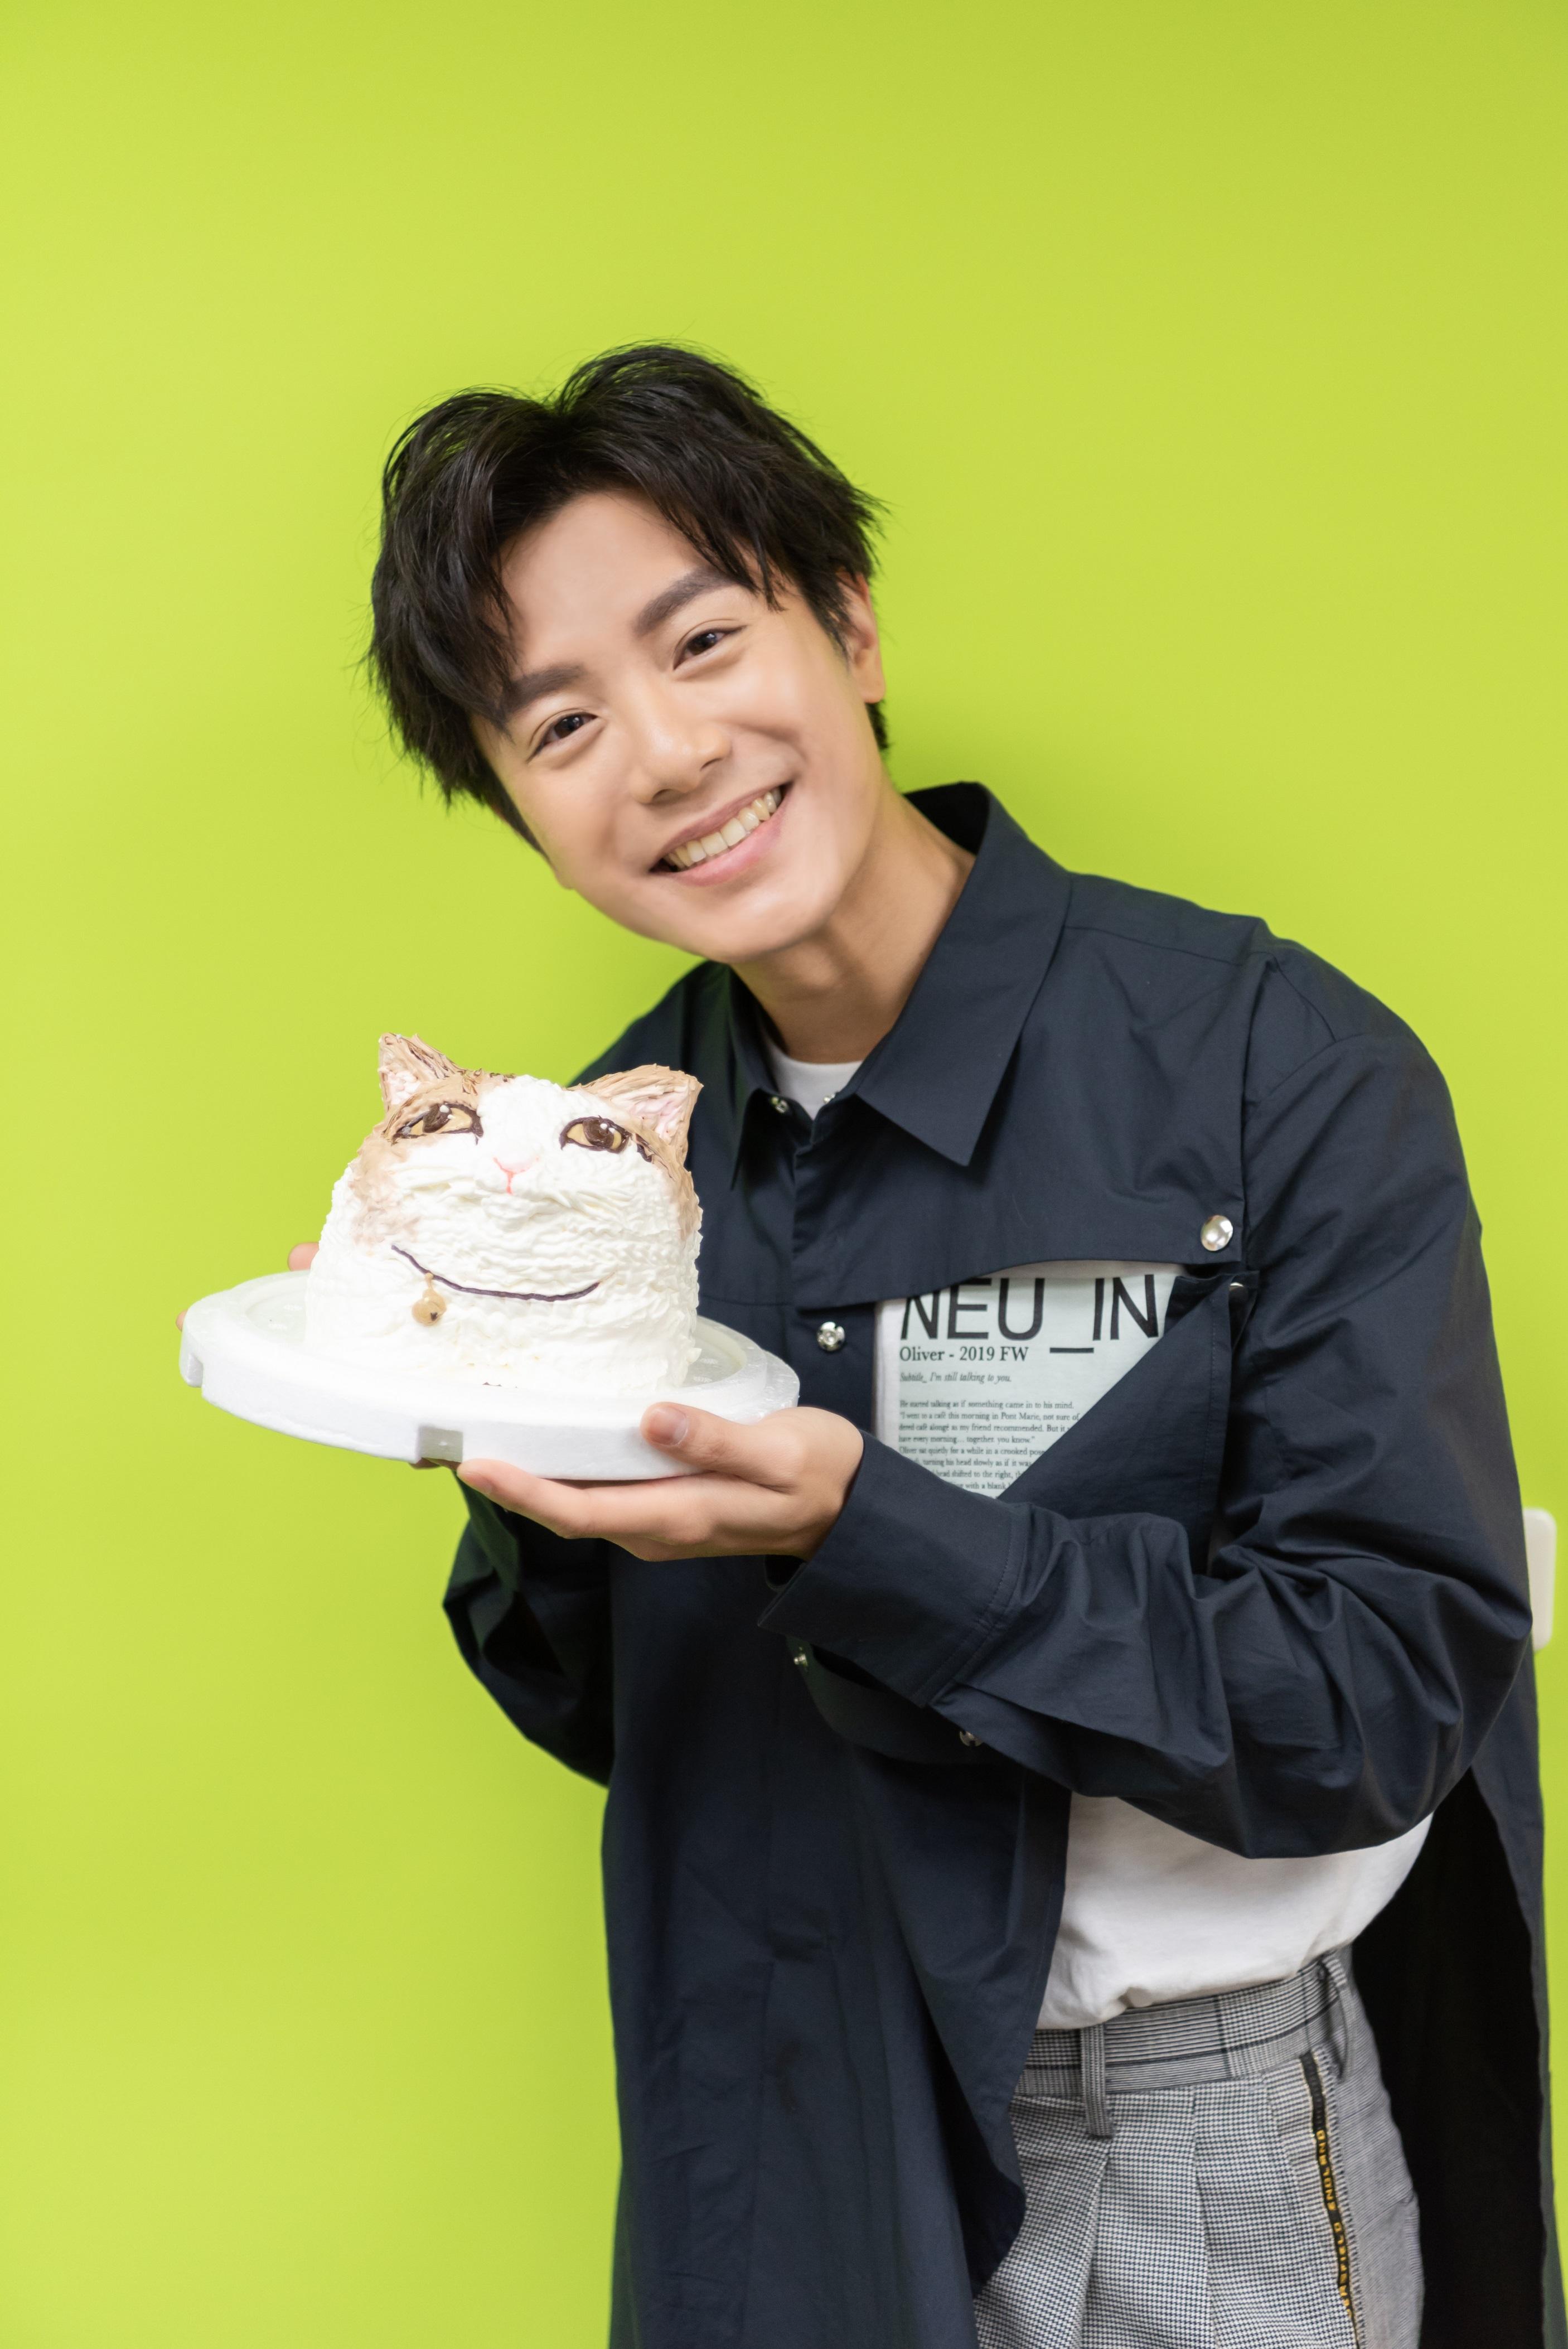 金曲创作才子韦礼安推出全新单曲《猫咪共和国》 3/5生日Hit FM大首播